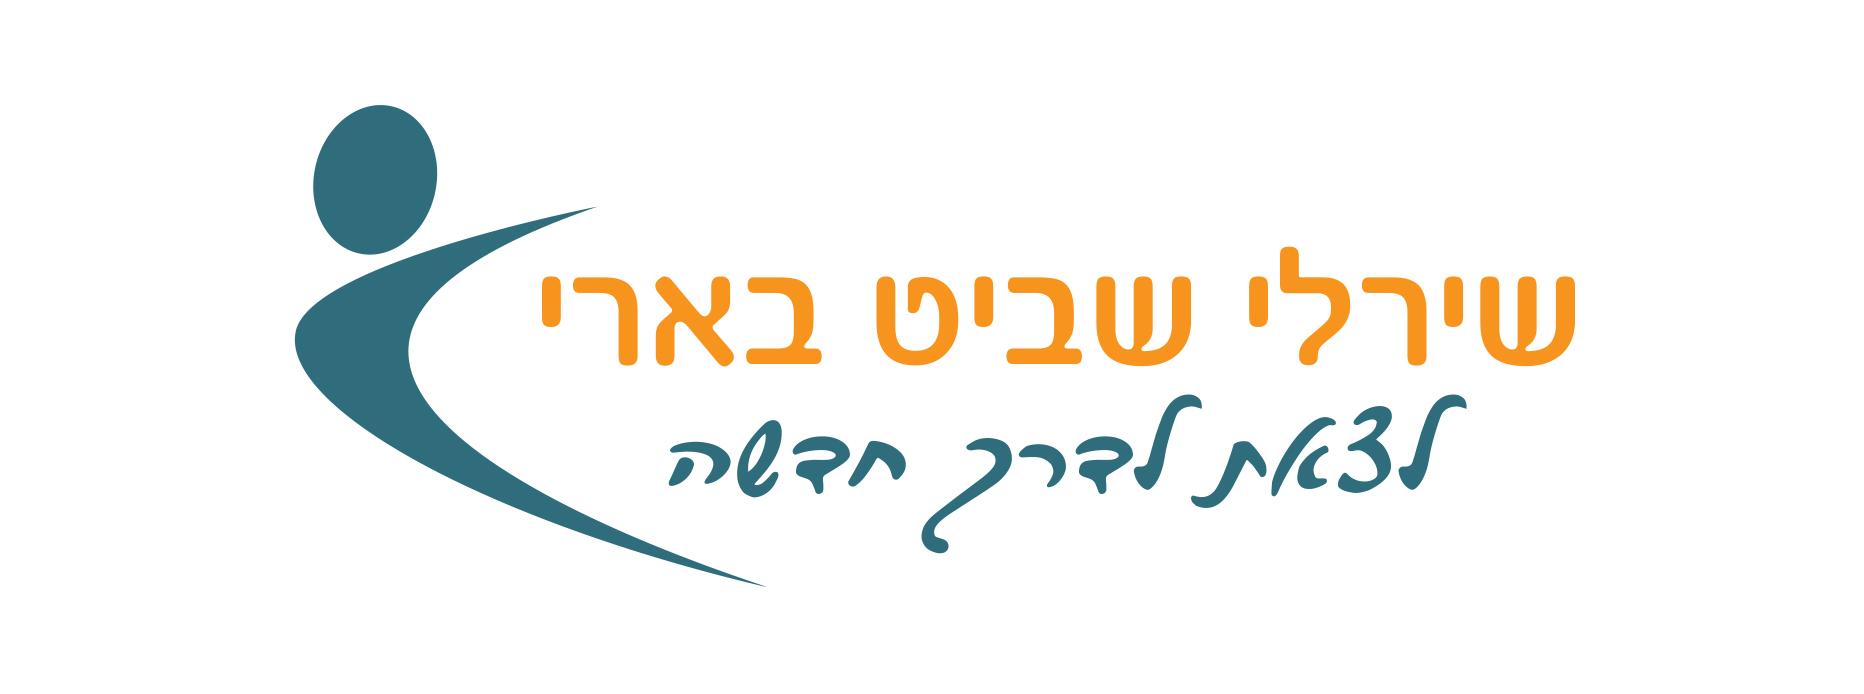 עיצוב לוגו לקואצר